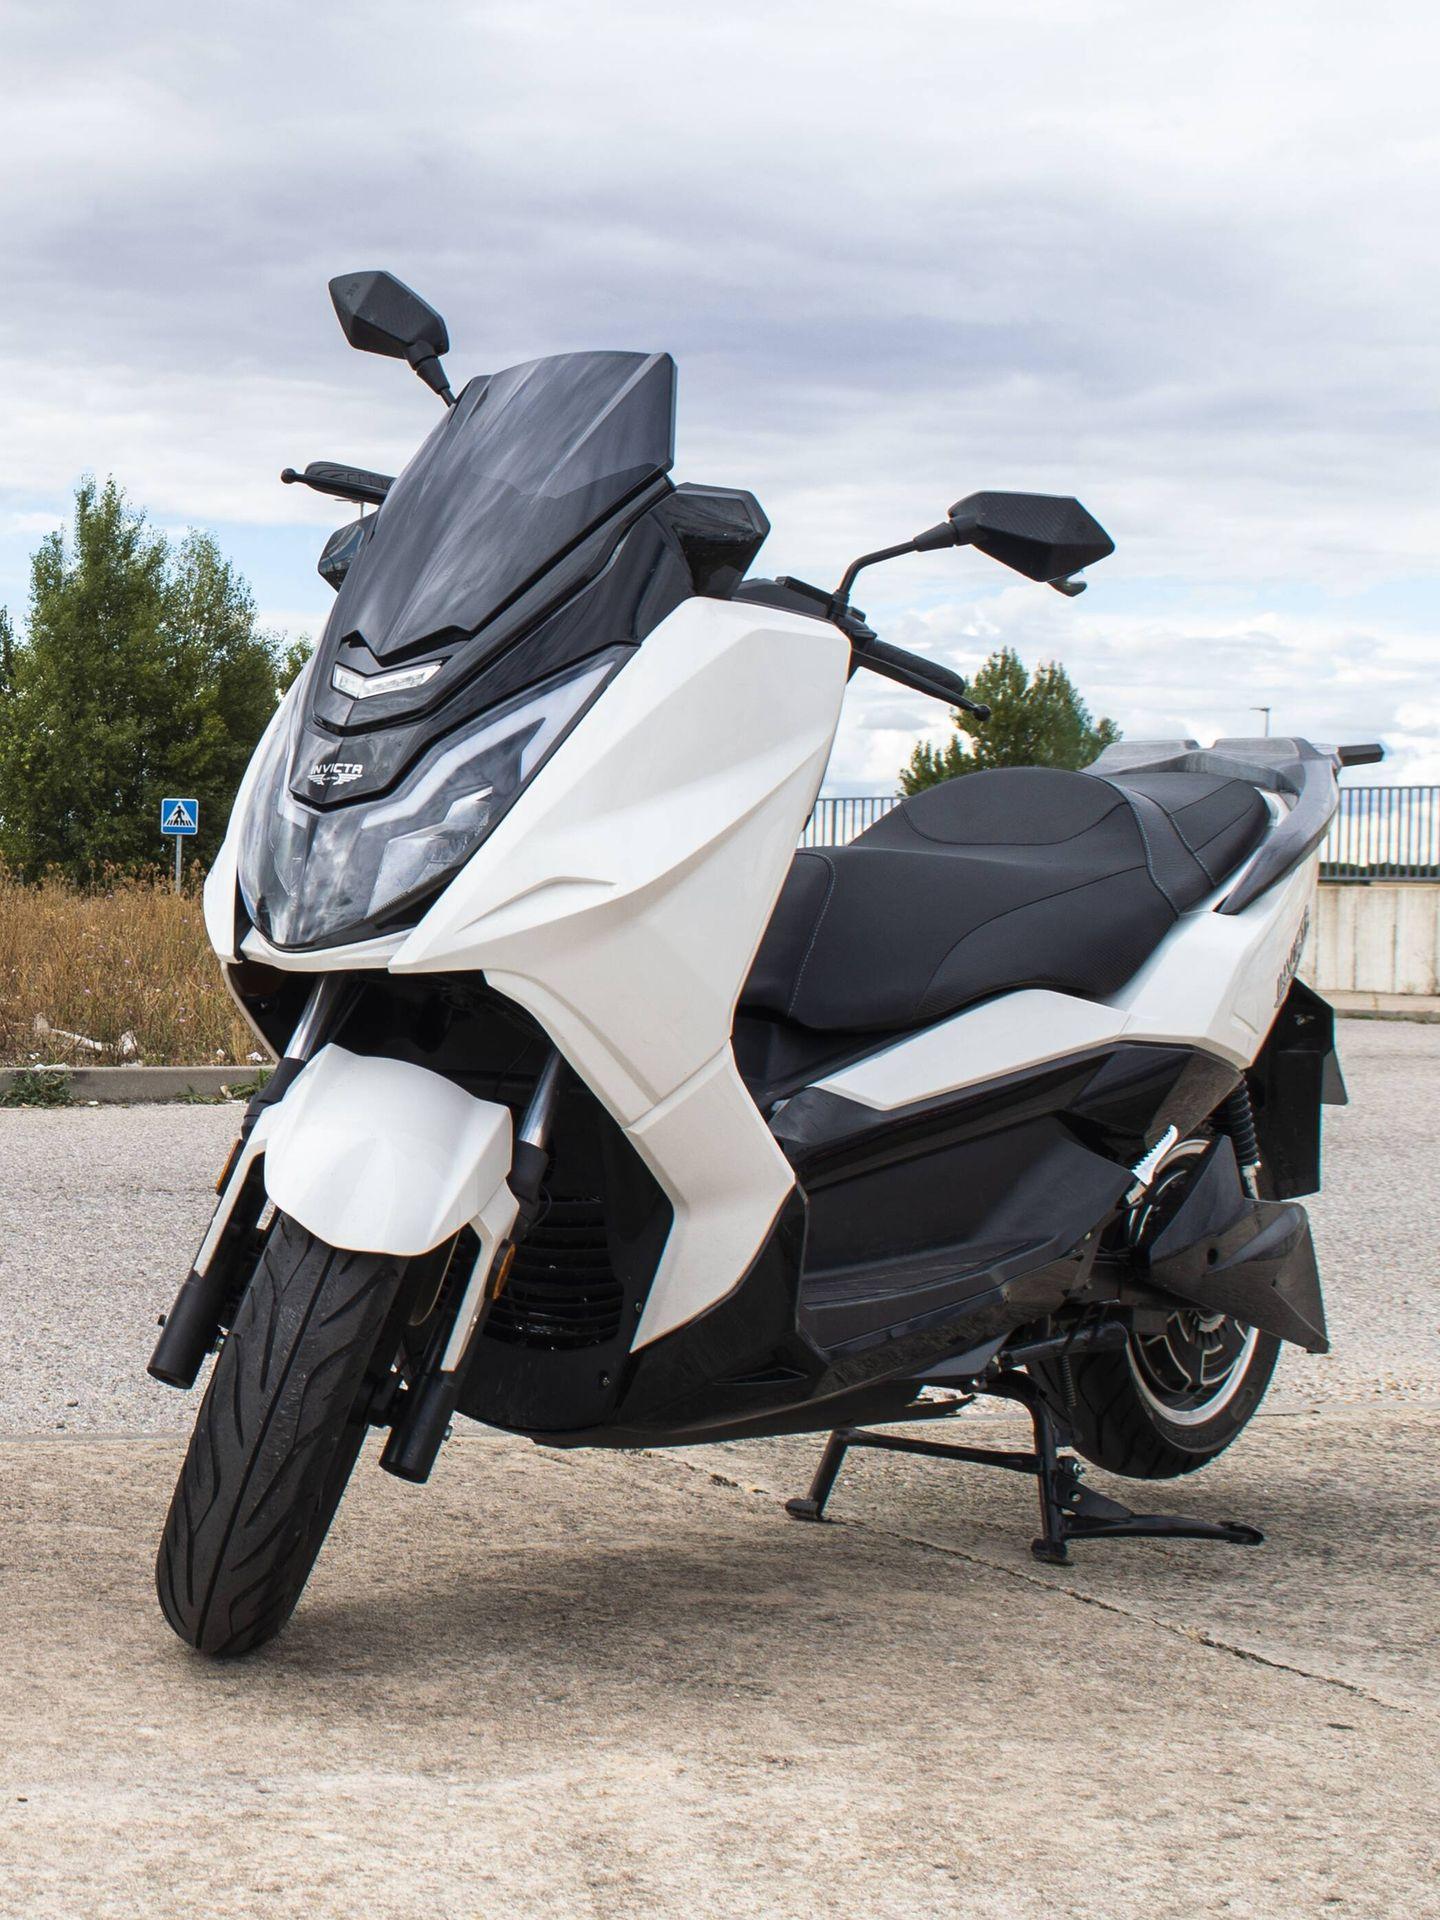 Puede conducirse con el carné B de automóvil o con el A1 de motocicleta a partir de los 16 años.